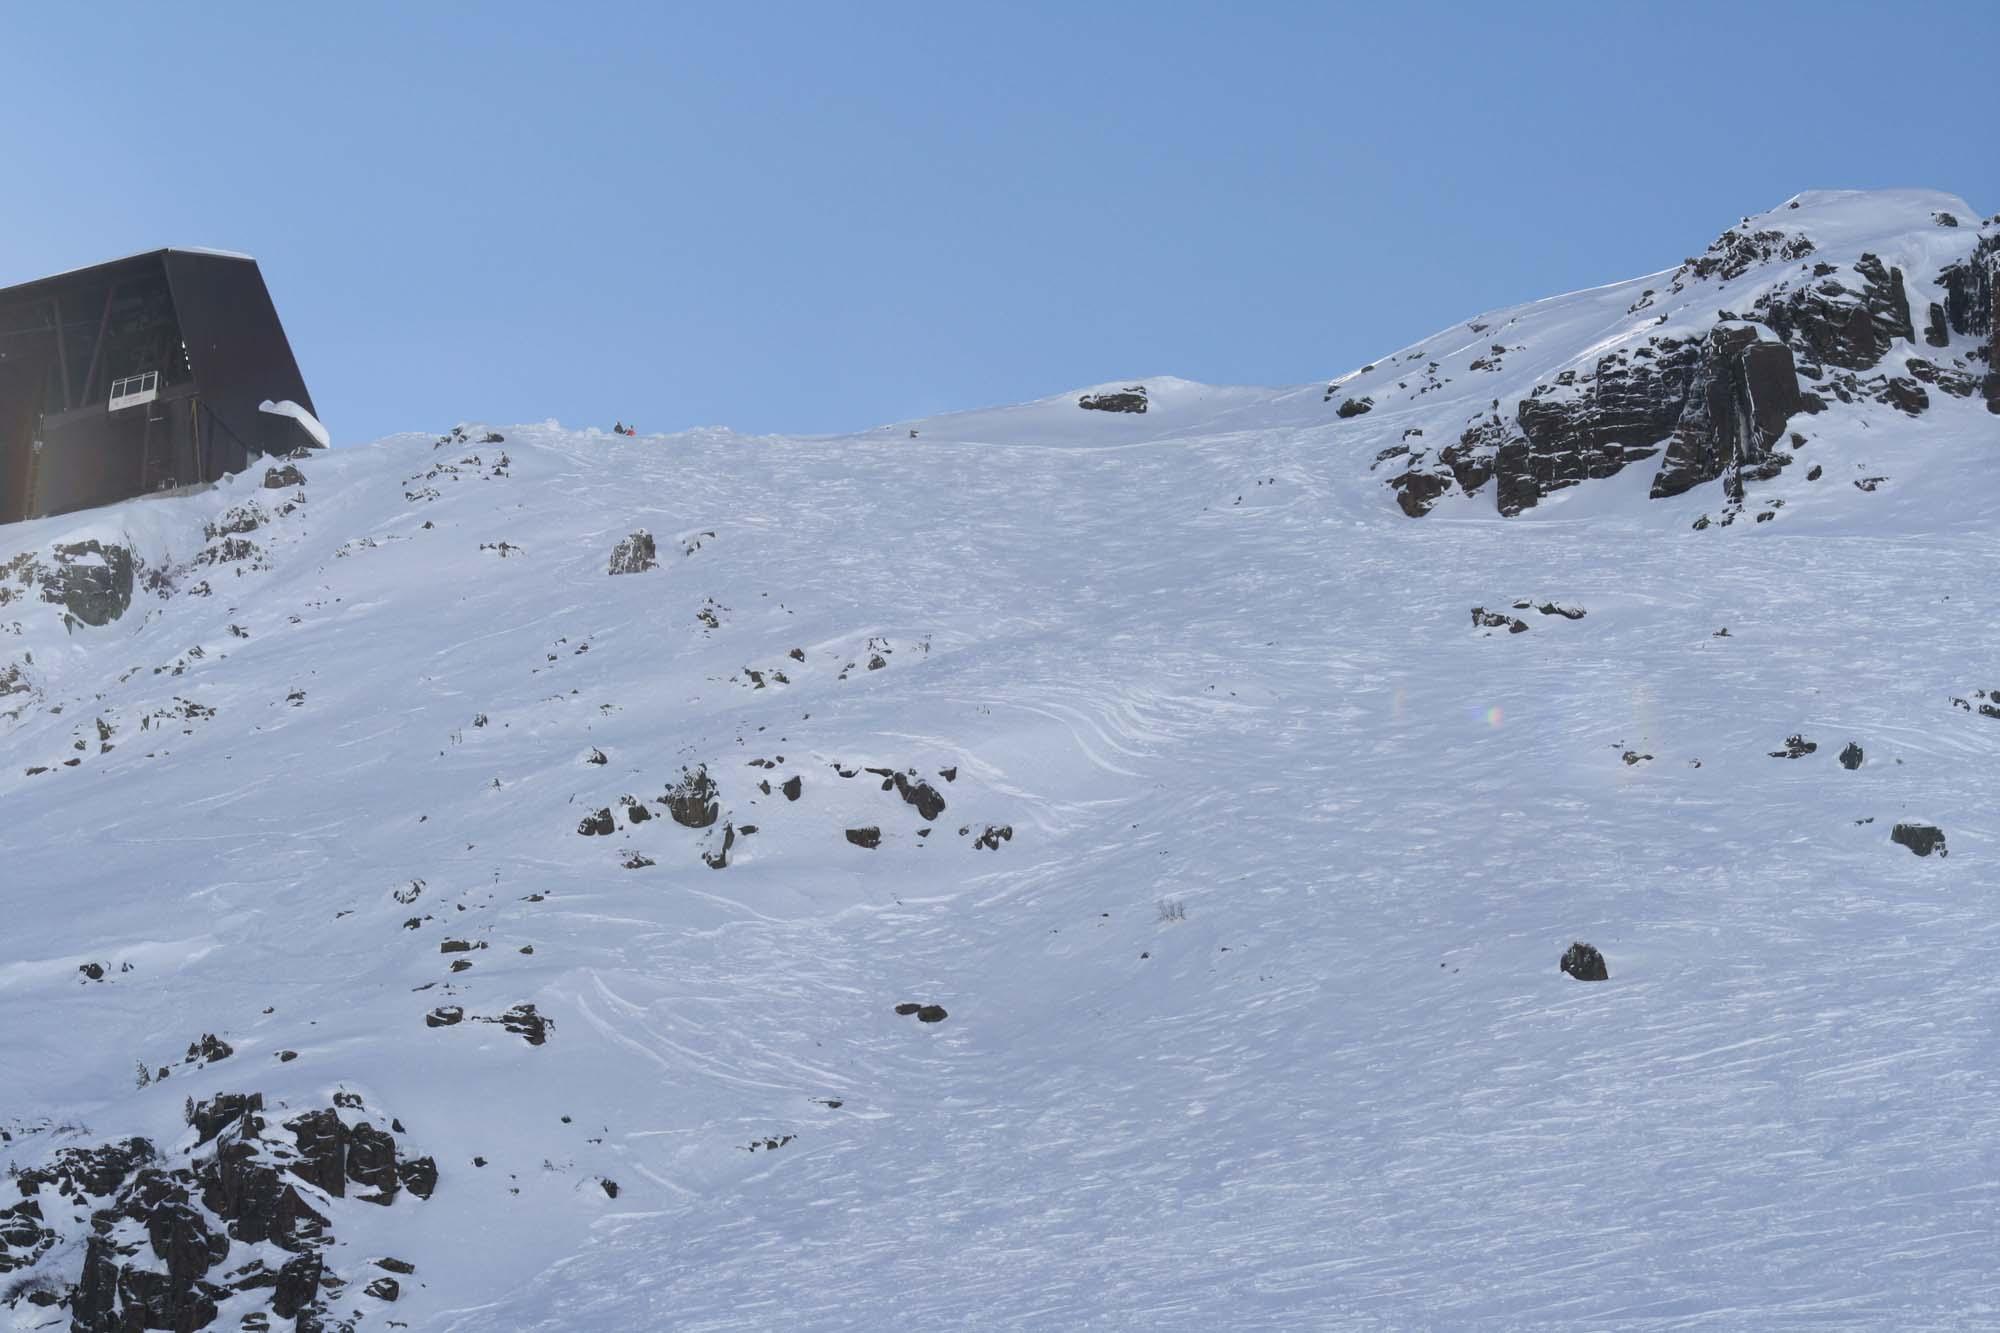 Val di Fassa: nuovo tracciato freeride al Passo San Pellegrino